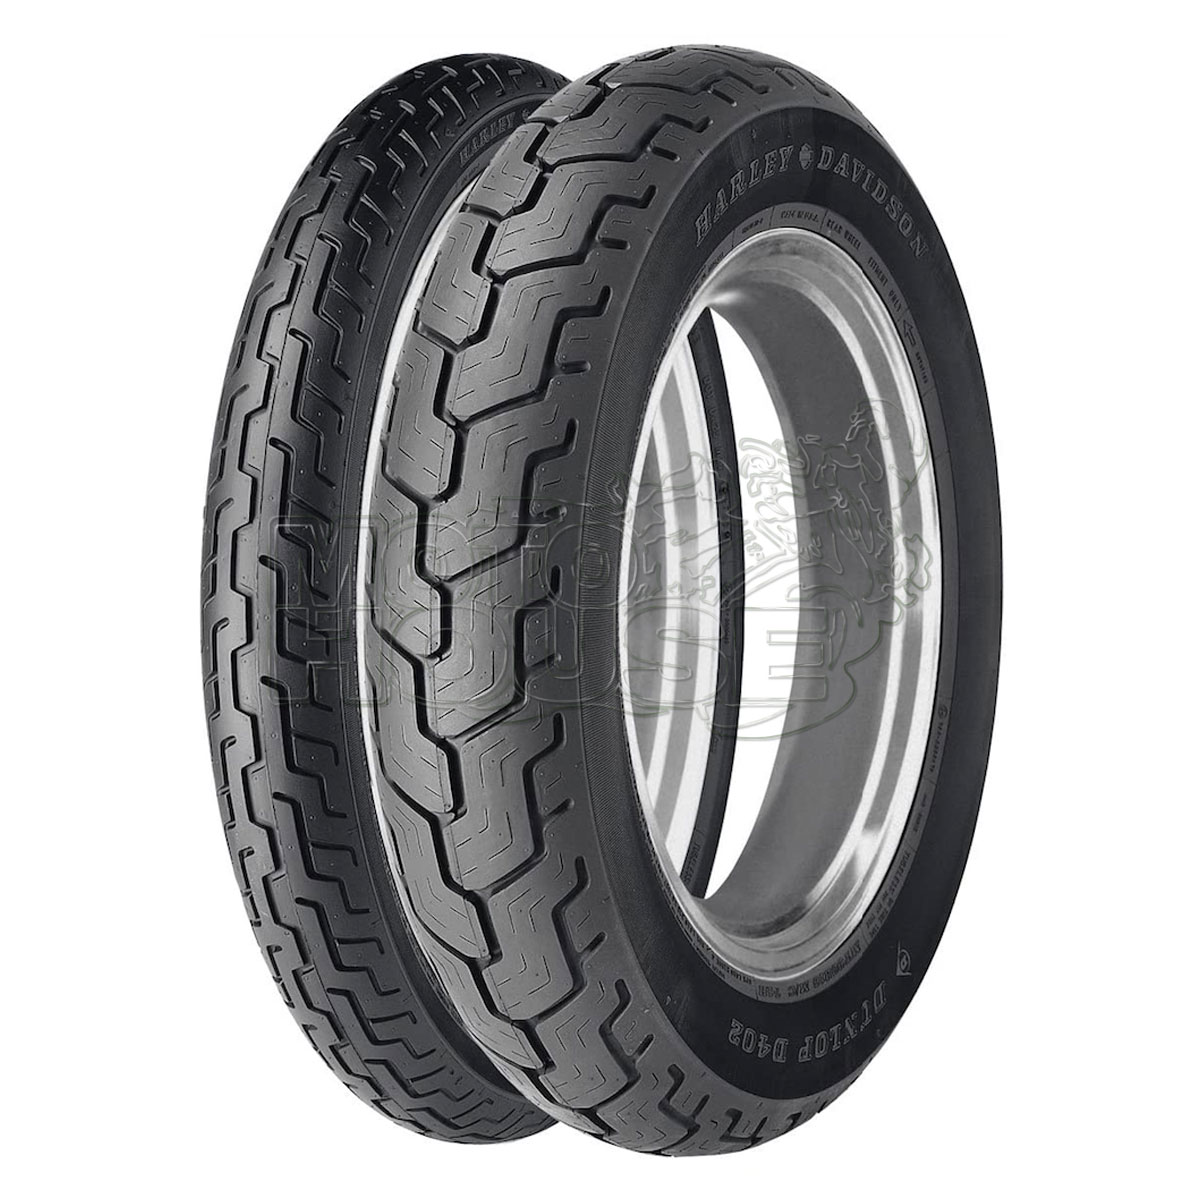 Llanta P/ Moto Dunlop D402 Mt90b16 (130/90-16) 74h